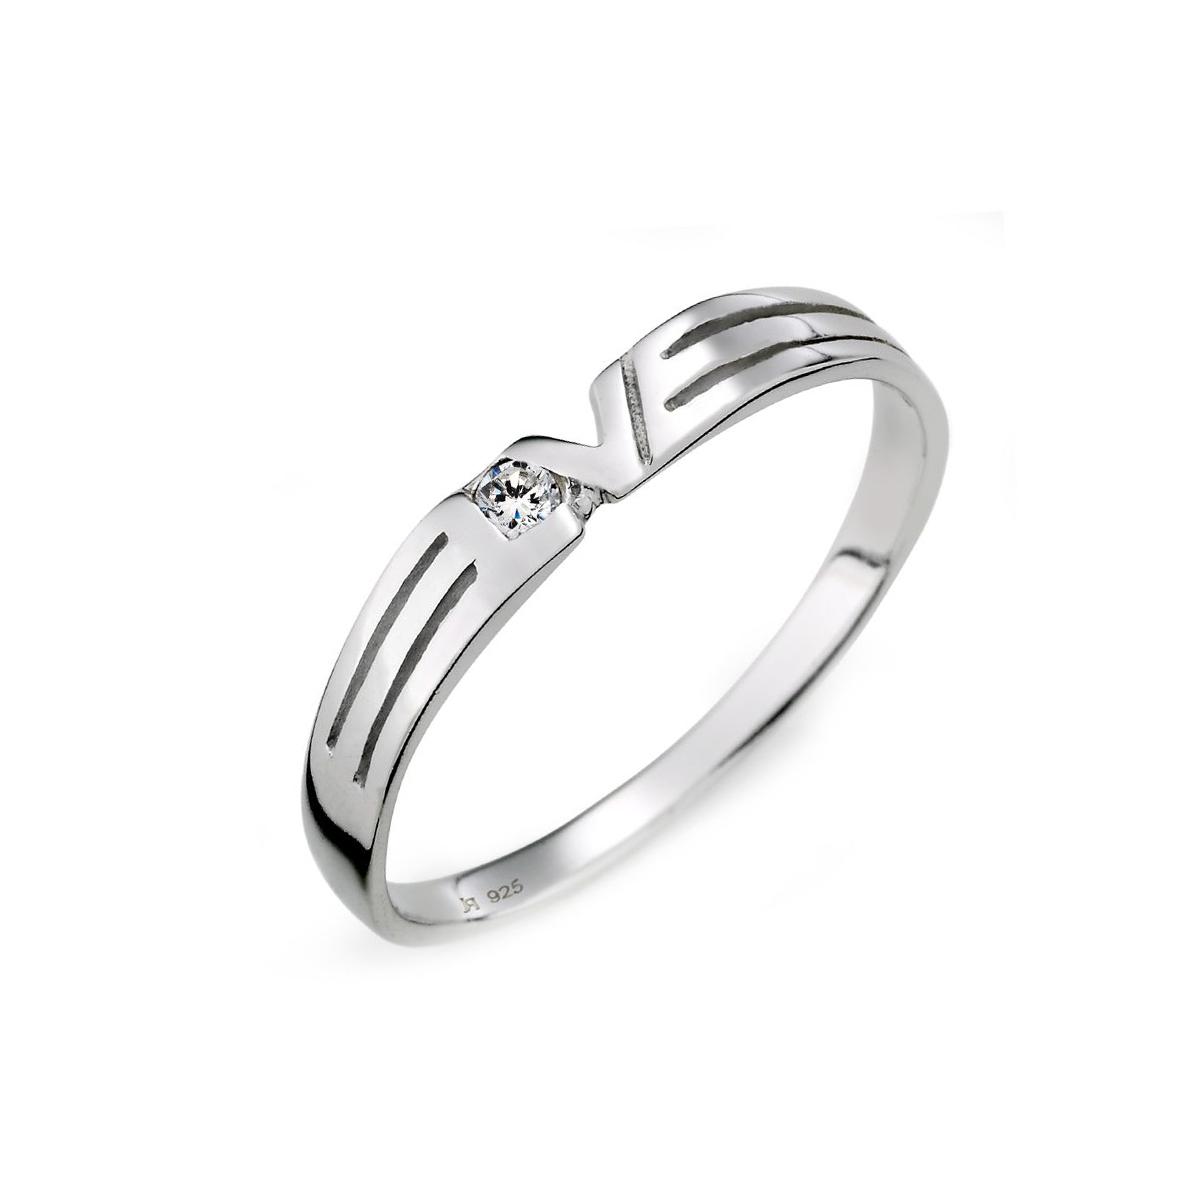 KSM35 隱藏的LOVE戒指